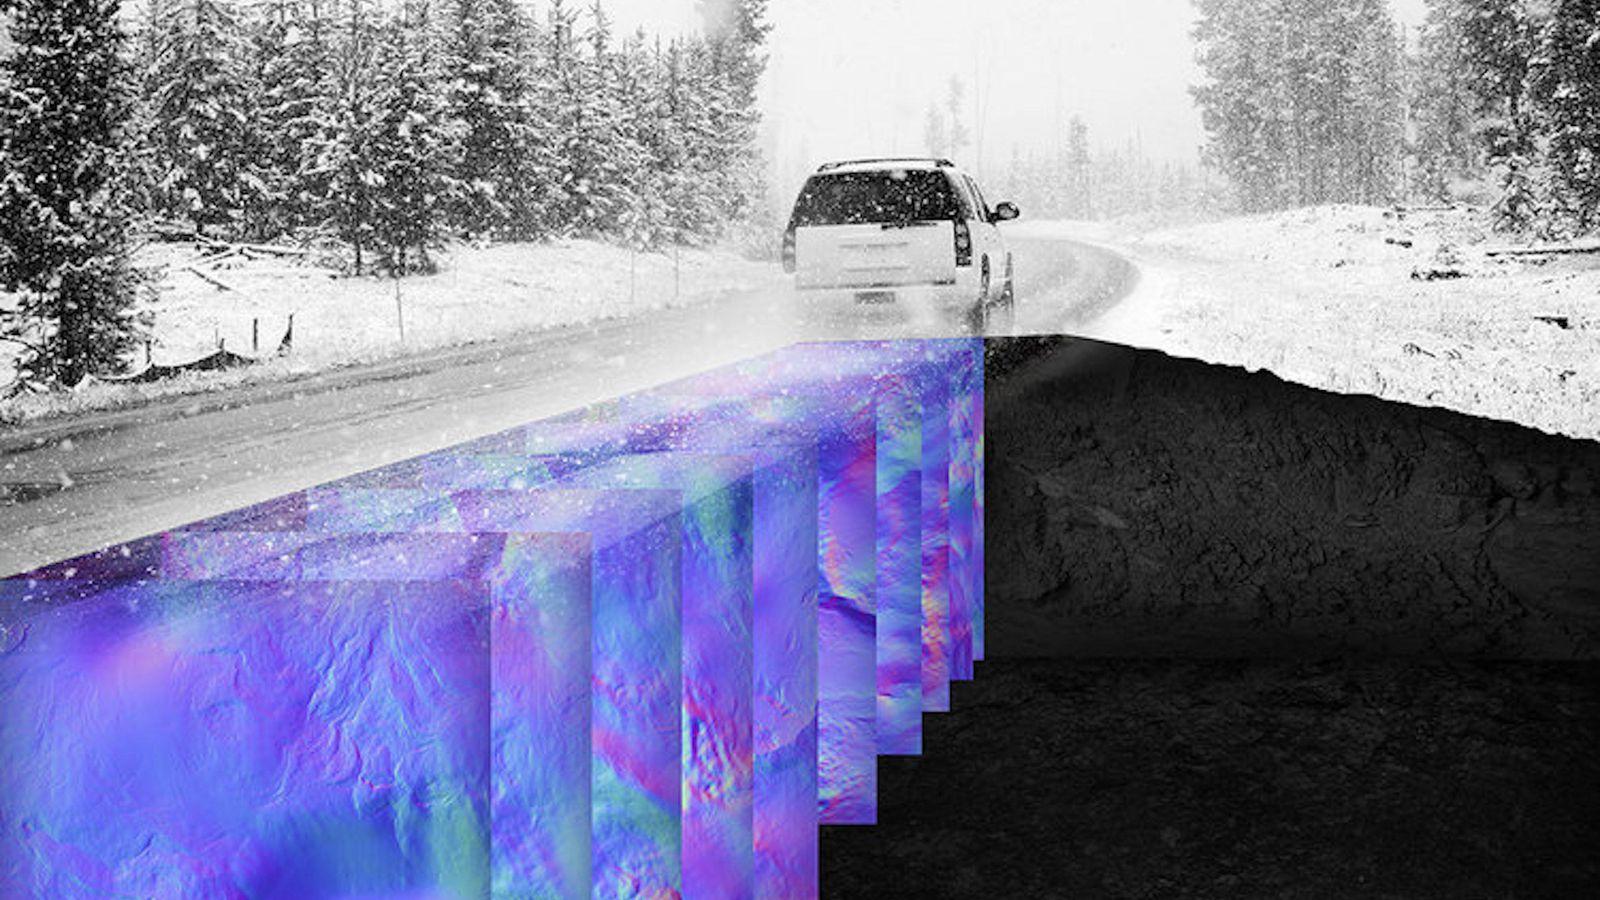 Vojenský radar zajišťuje větší bezpečnost u autonomních vozidel